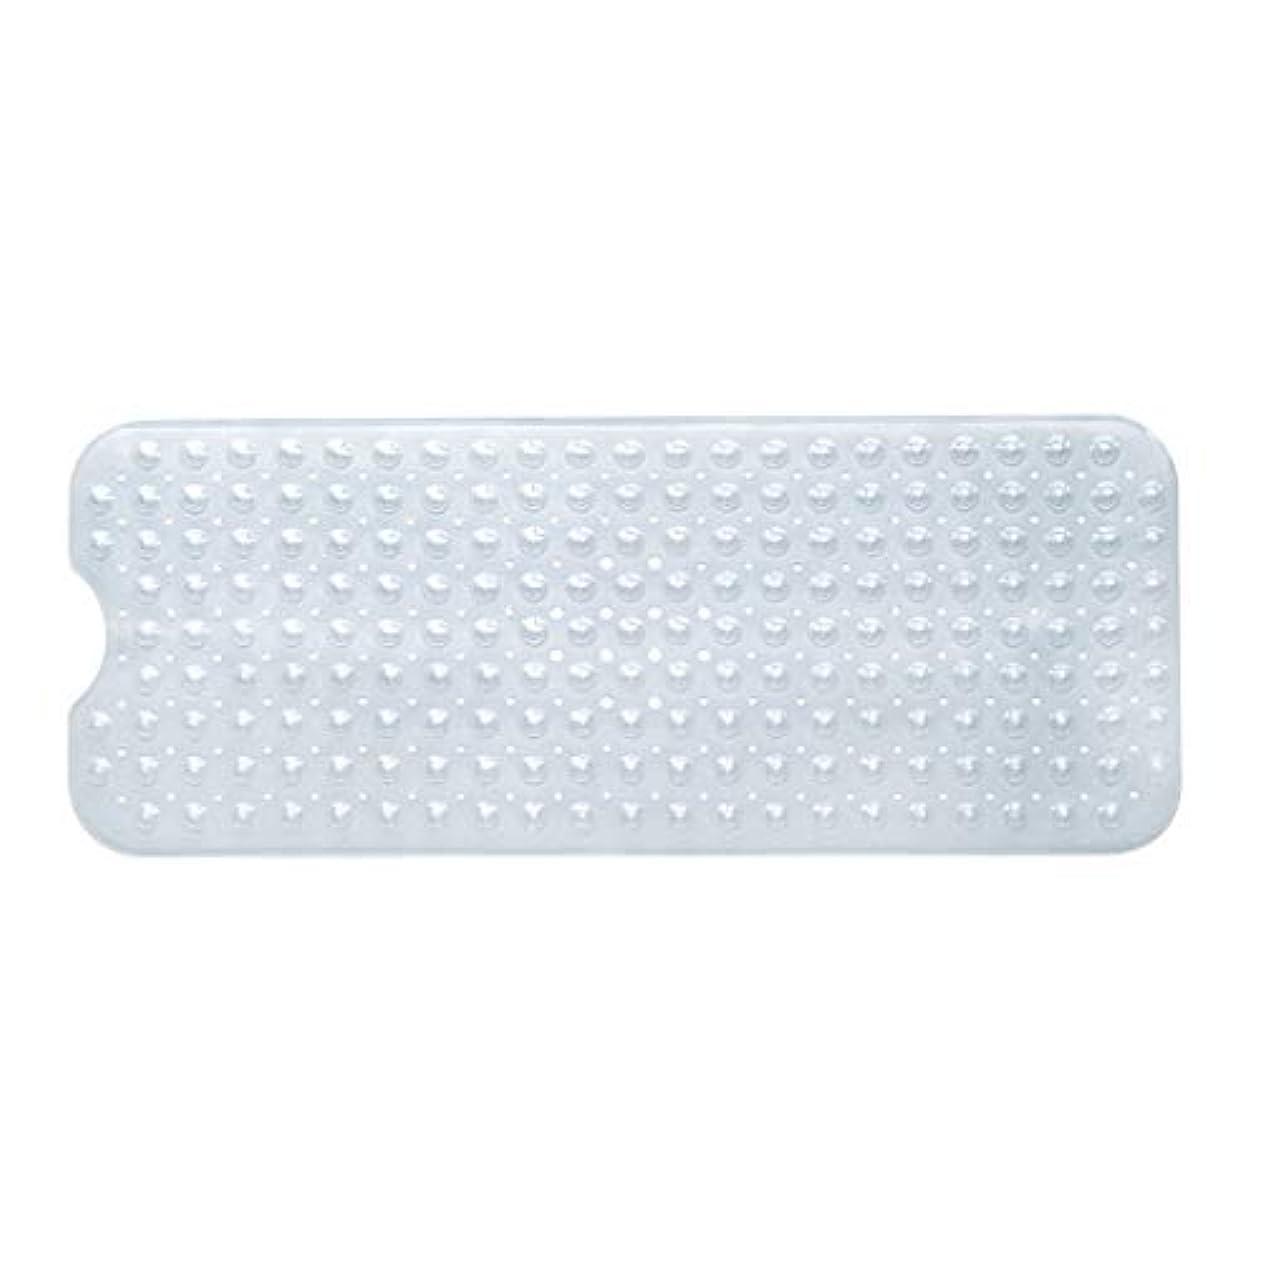 硬い債務常識Swiftgood エクストラロングバスタブマットカビ抵抗性滑り止めバスマット洗濯機用浴室用洗えるPVCシャワーマット15.7